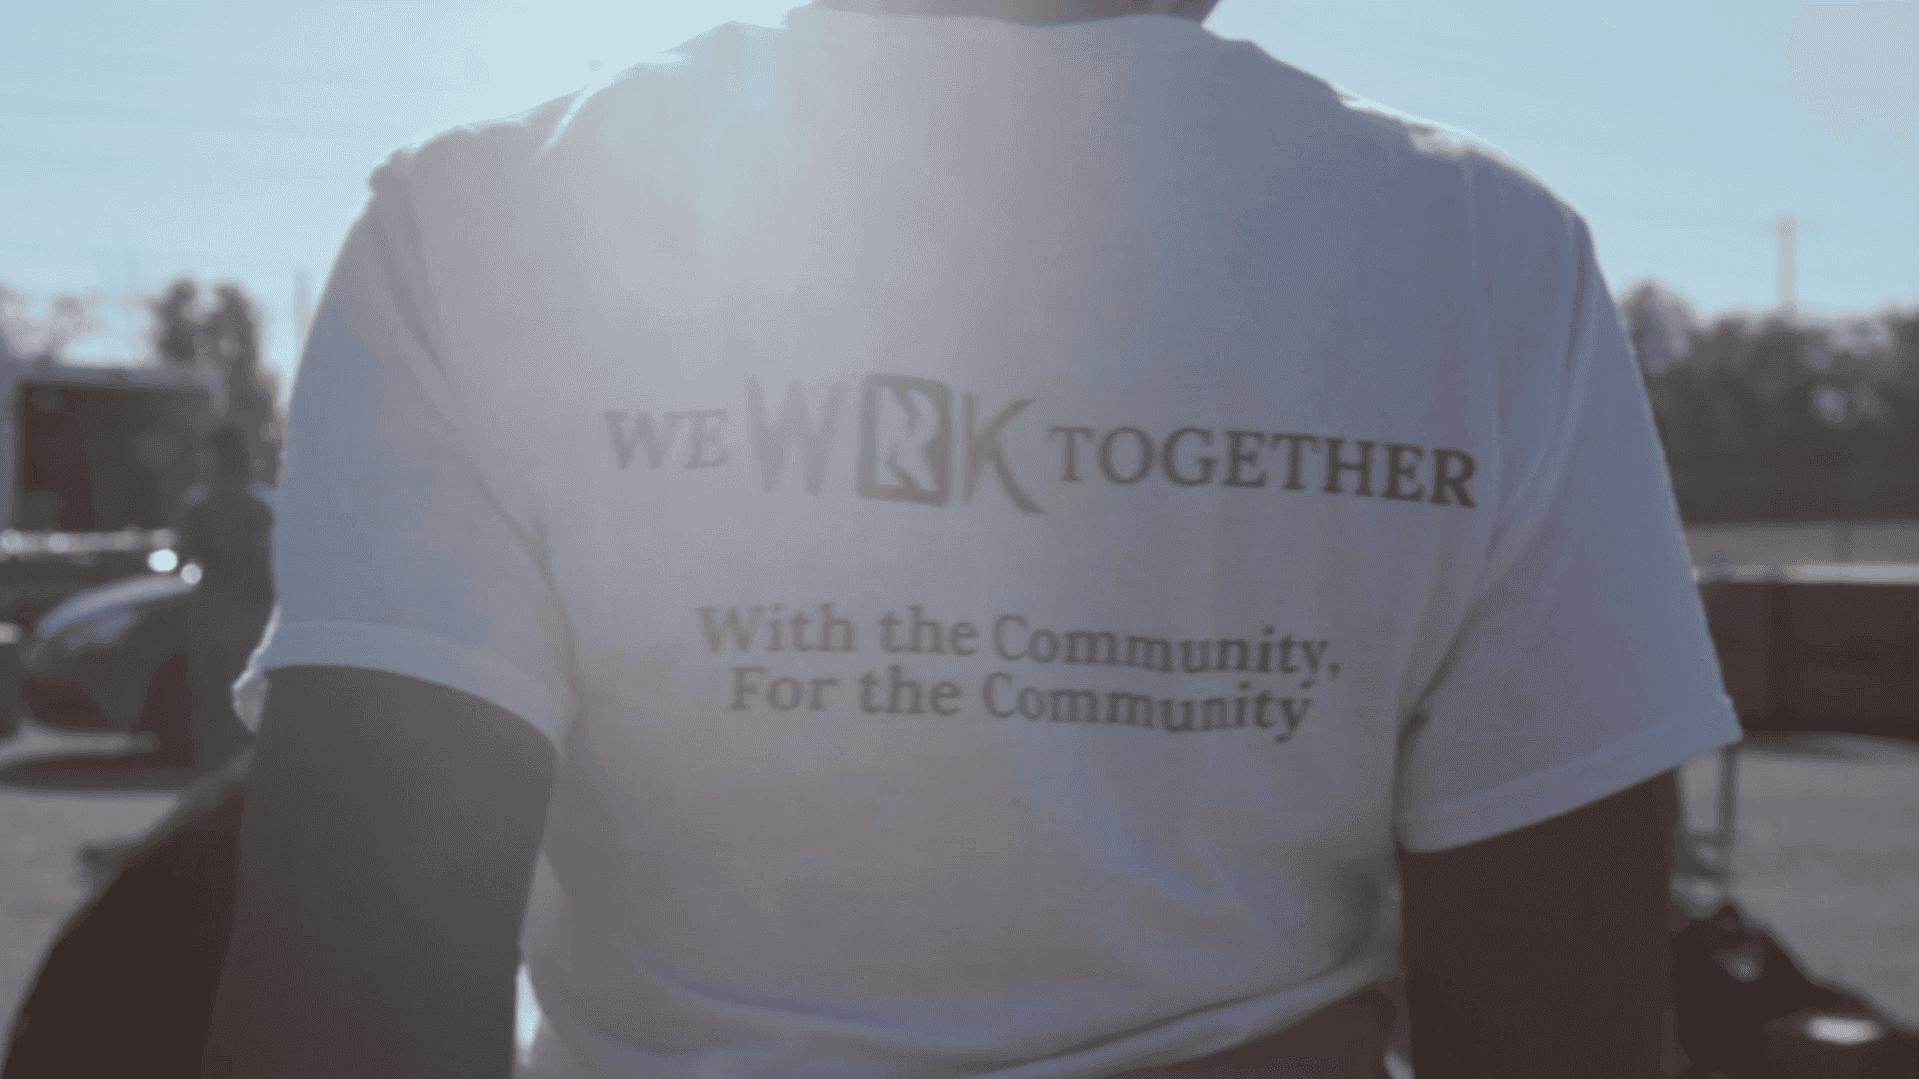 WRK Group